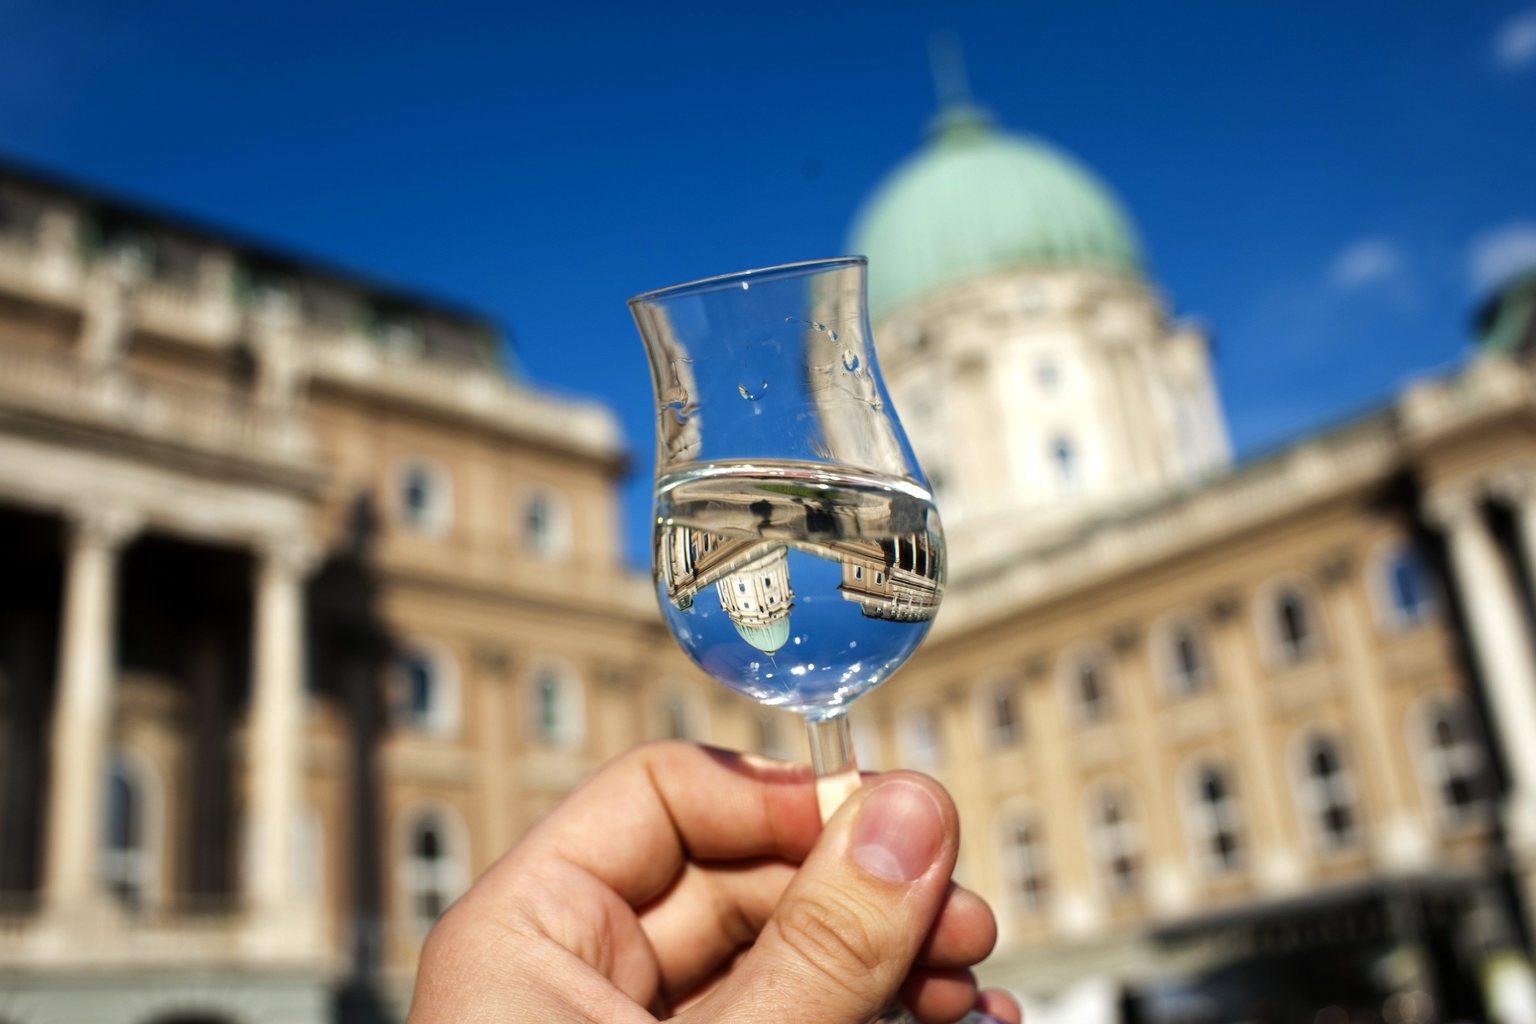 Budapest, 2012. május 10. A Budavári Palota kupolája tükröződik egy pohár pálinkában a budai várban megrendezett VII. Budapesti Pálinkafesztiválon. MTI Fotó: Marjai János